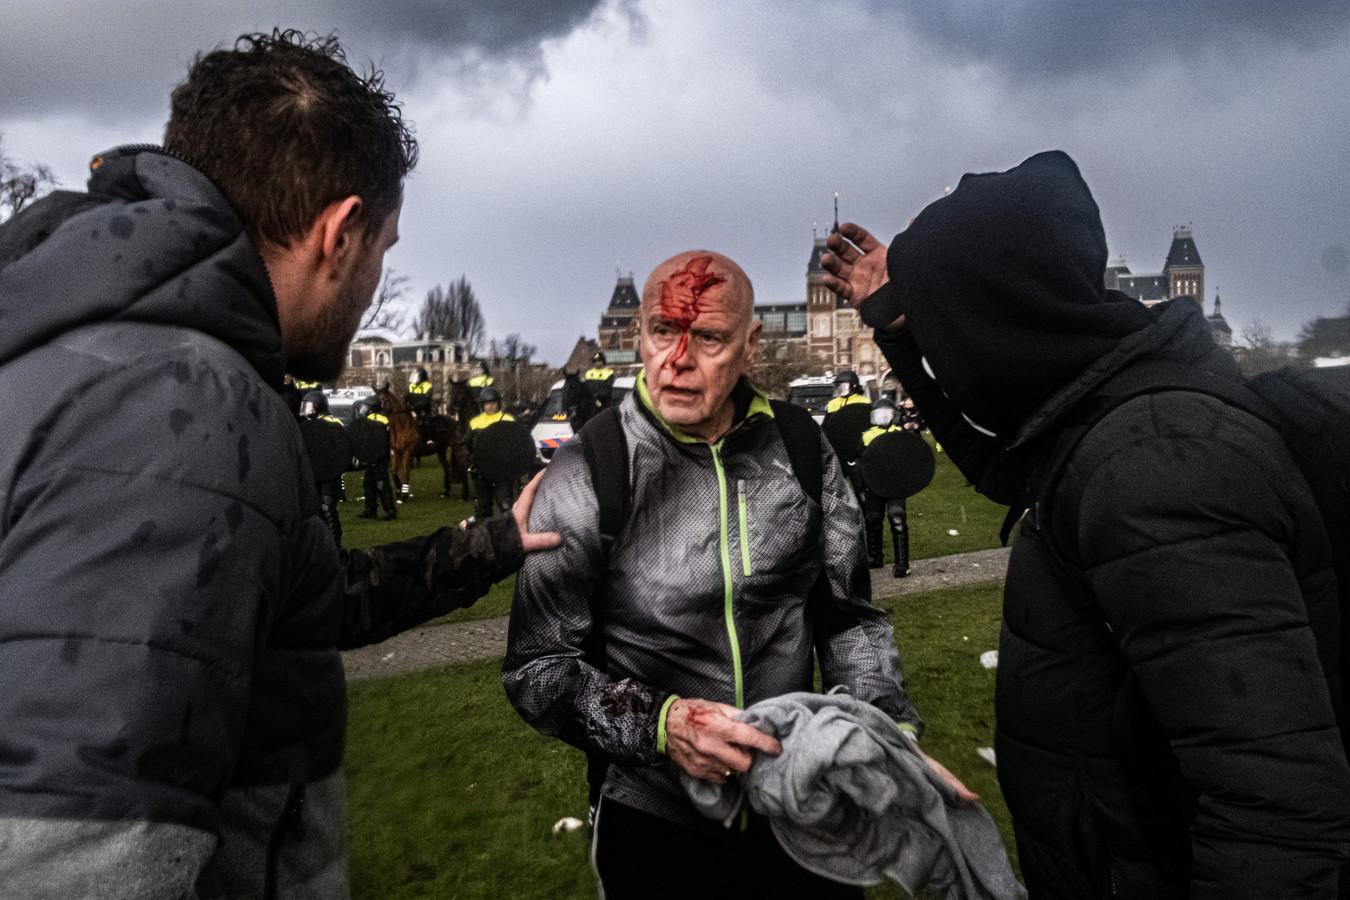 Een actievoerder die gewond raakte op het Museumplein in Amsterdam waar zondag 17 januari ondanks de afgelaste demonstratie actievoerders protesteerden tegen het overheidsbeleid rond het coronavirus. Mensen worden ruimschoots gewaarschuwd voordat de ME geweld gebruikt, vertelt Gerben van der Meer, compagniecommandant van de ME van politie Oost-Brabant en niet betrokken bij de acties in Amsterdam, over de gebruikelijke werkwijze.